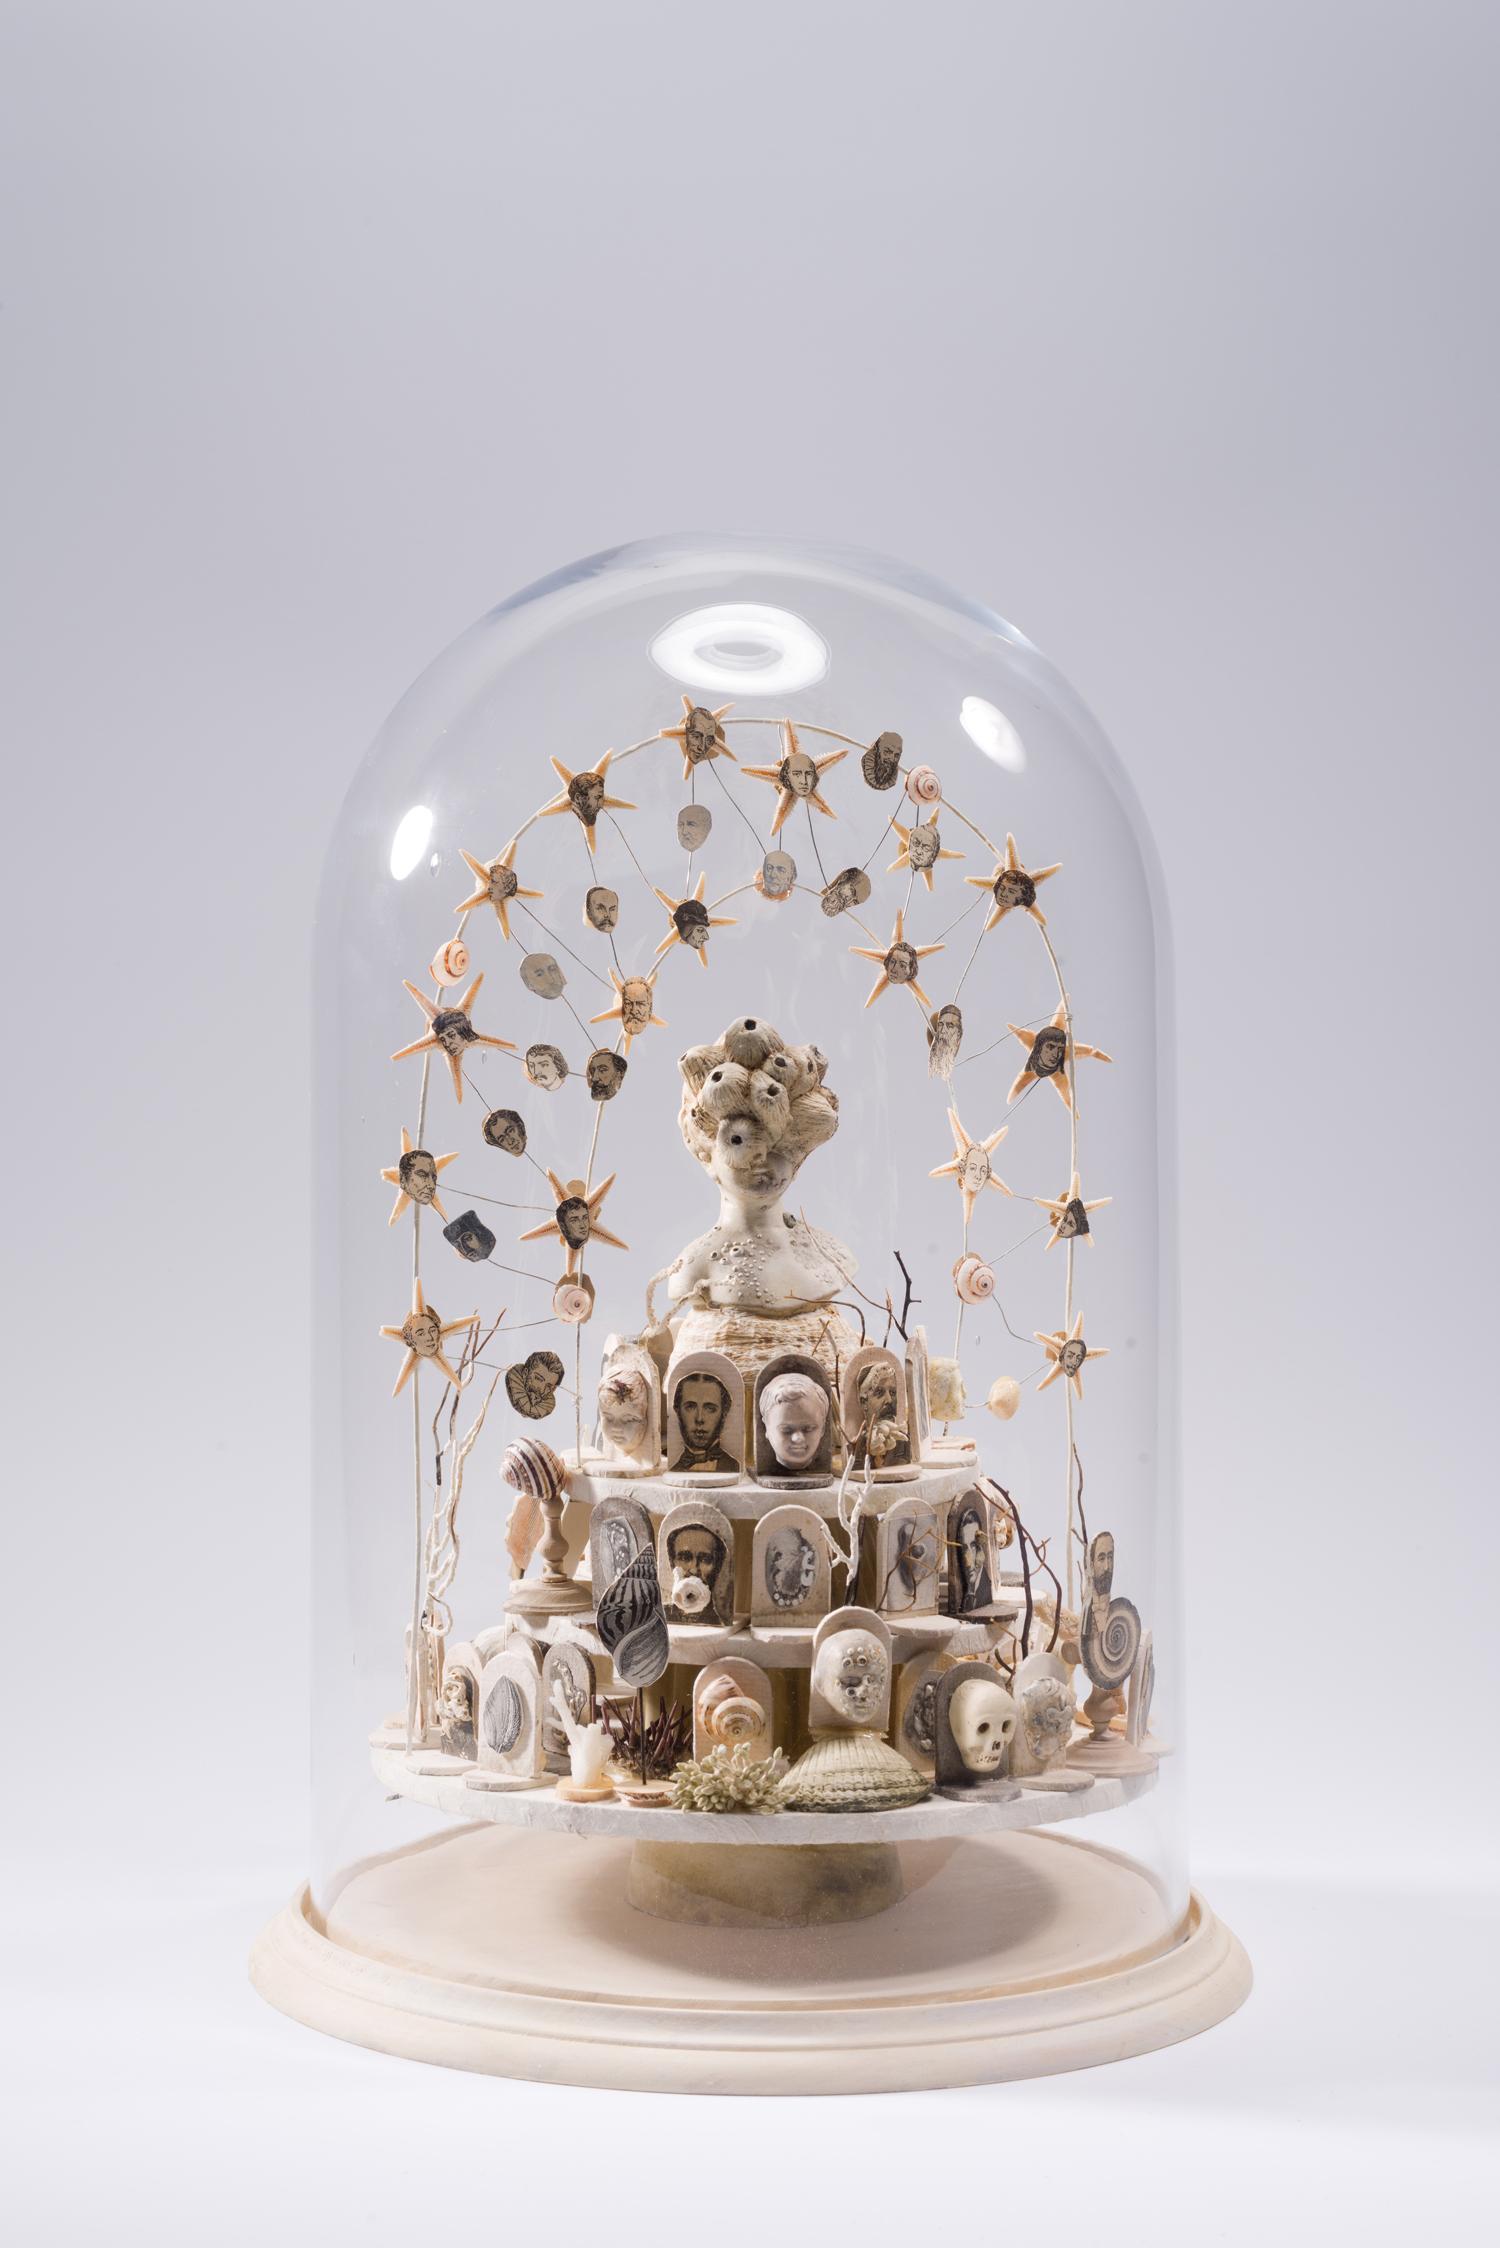 Les cathédrales les plus énormes ne laissent sortir qu'une foule informe de fourmis | Maïssa Toulet | Les cathédrales les plus énormes ne laissent sortir qu'une foule informe de fourmis